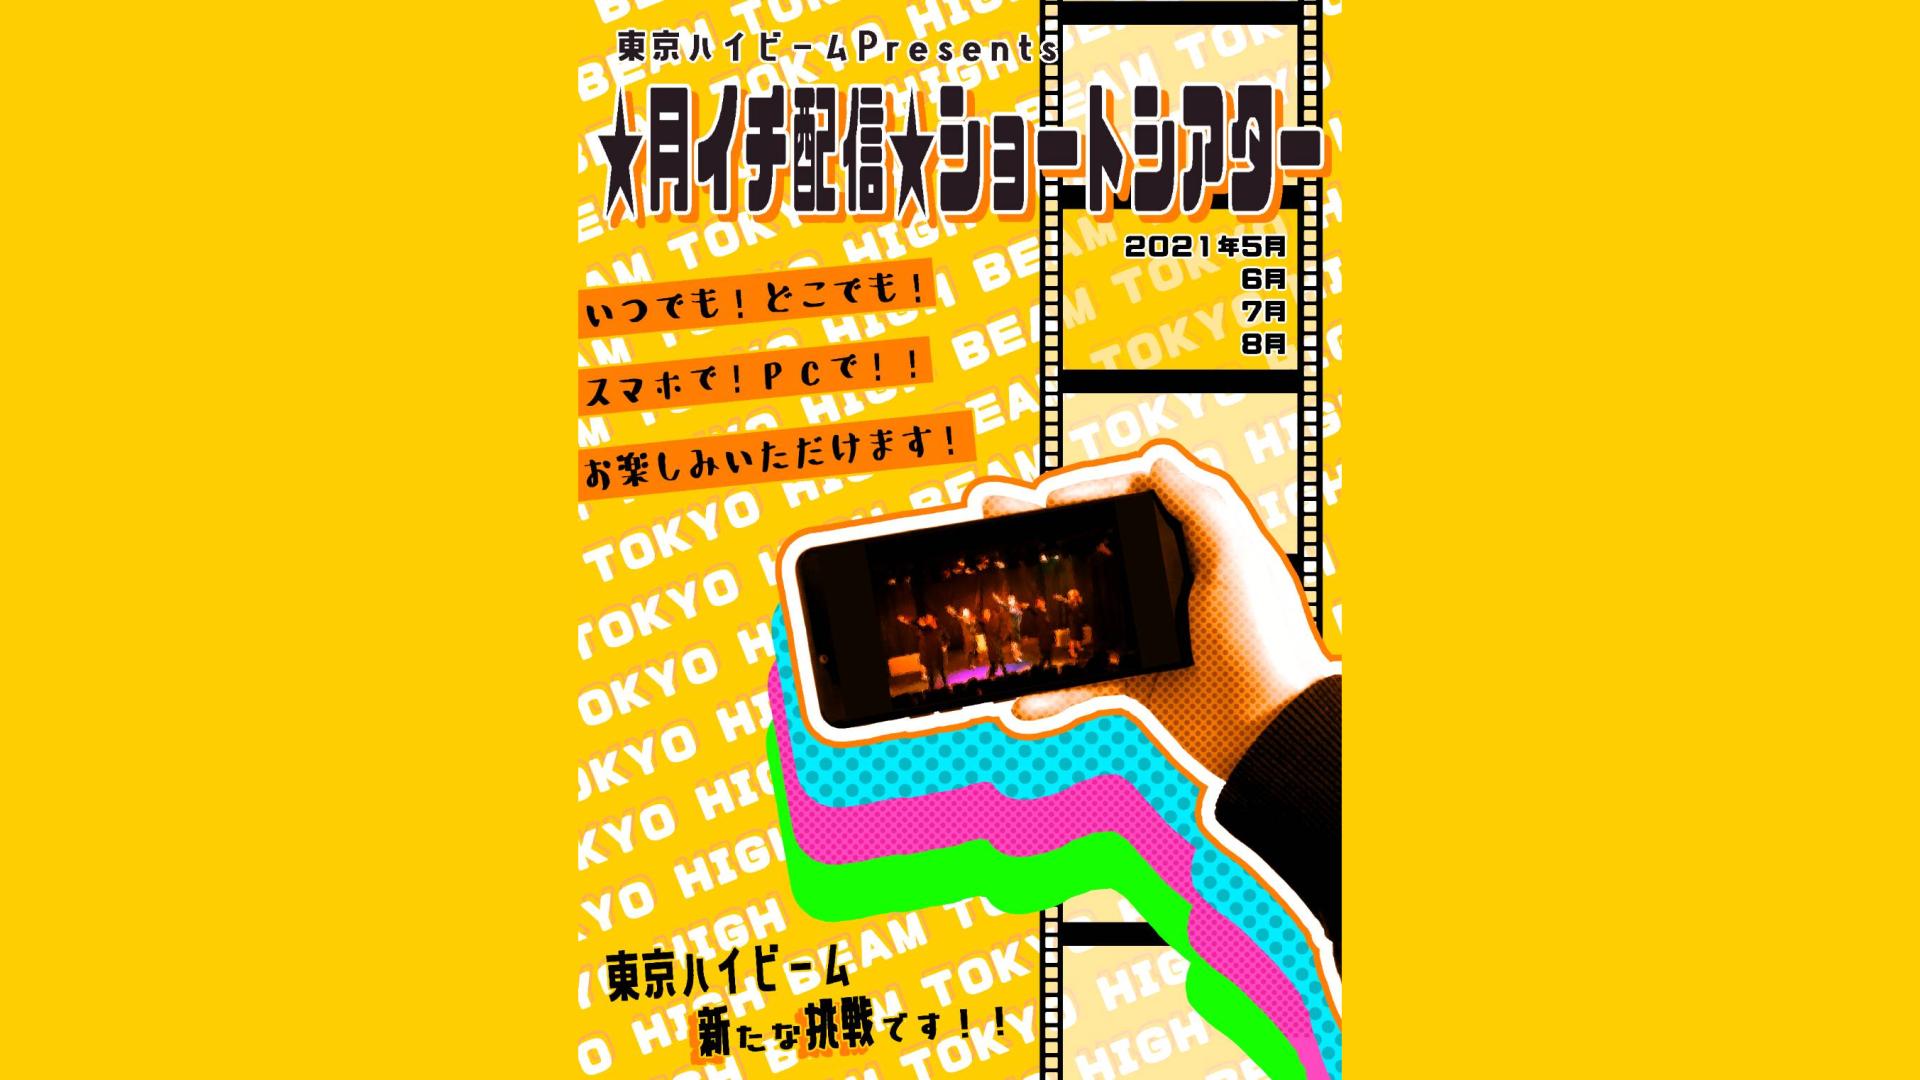 東京ハイビームPresents☆月イチ☆配信ショートシアター  7月配信作品「みんな優しい」